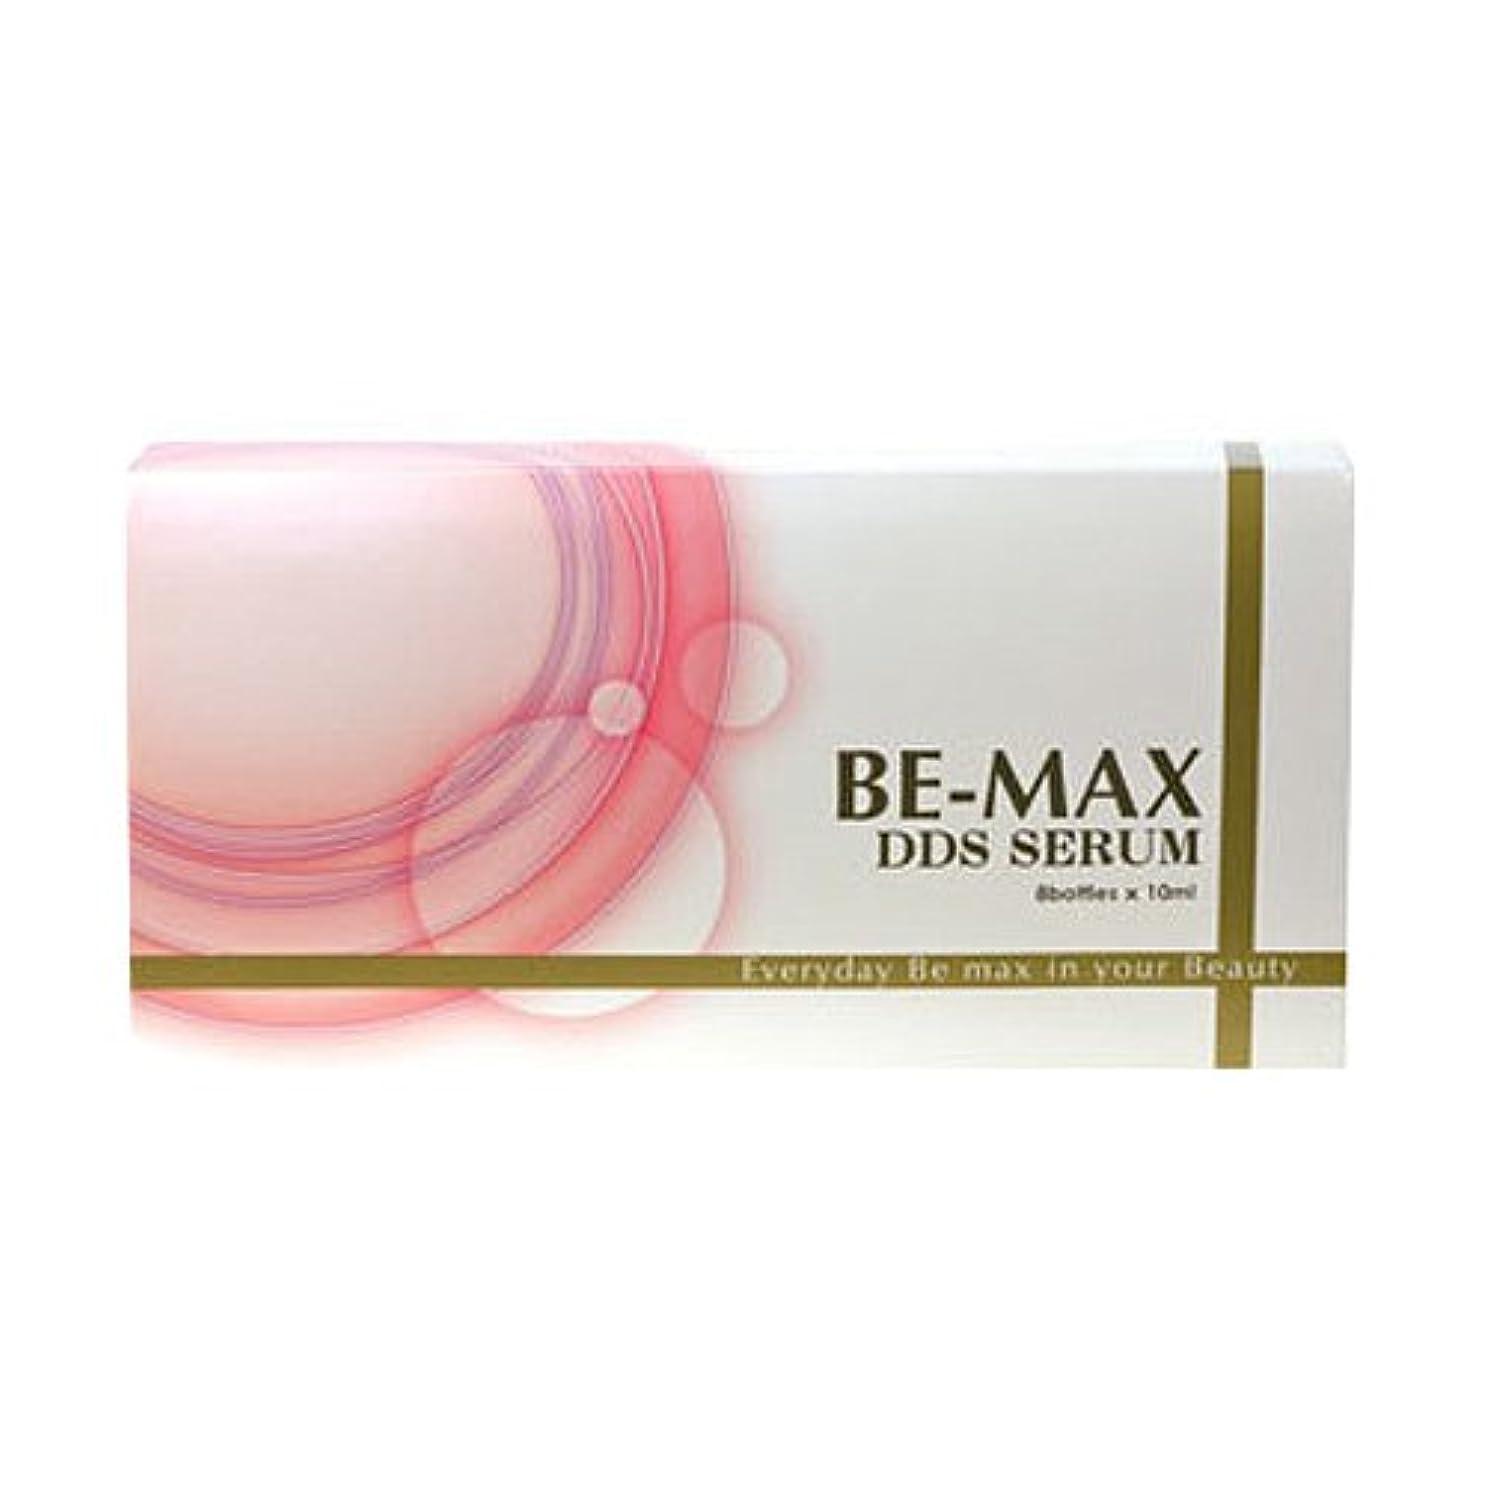 アナウンサー鯨フリッパービーマックス DDSセラム (10ml×8本) 美容液 BE-MAX DDS SERUM